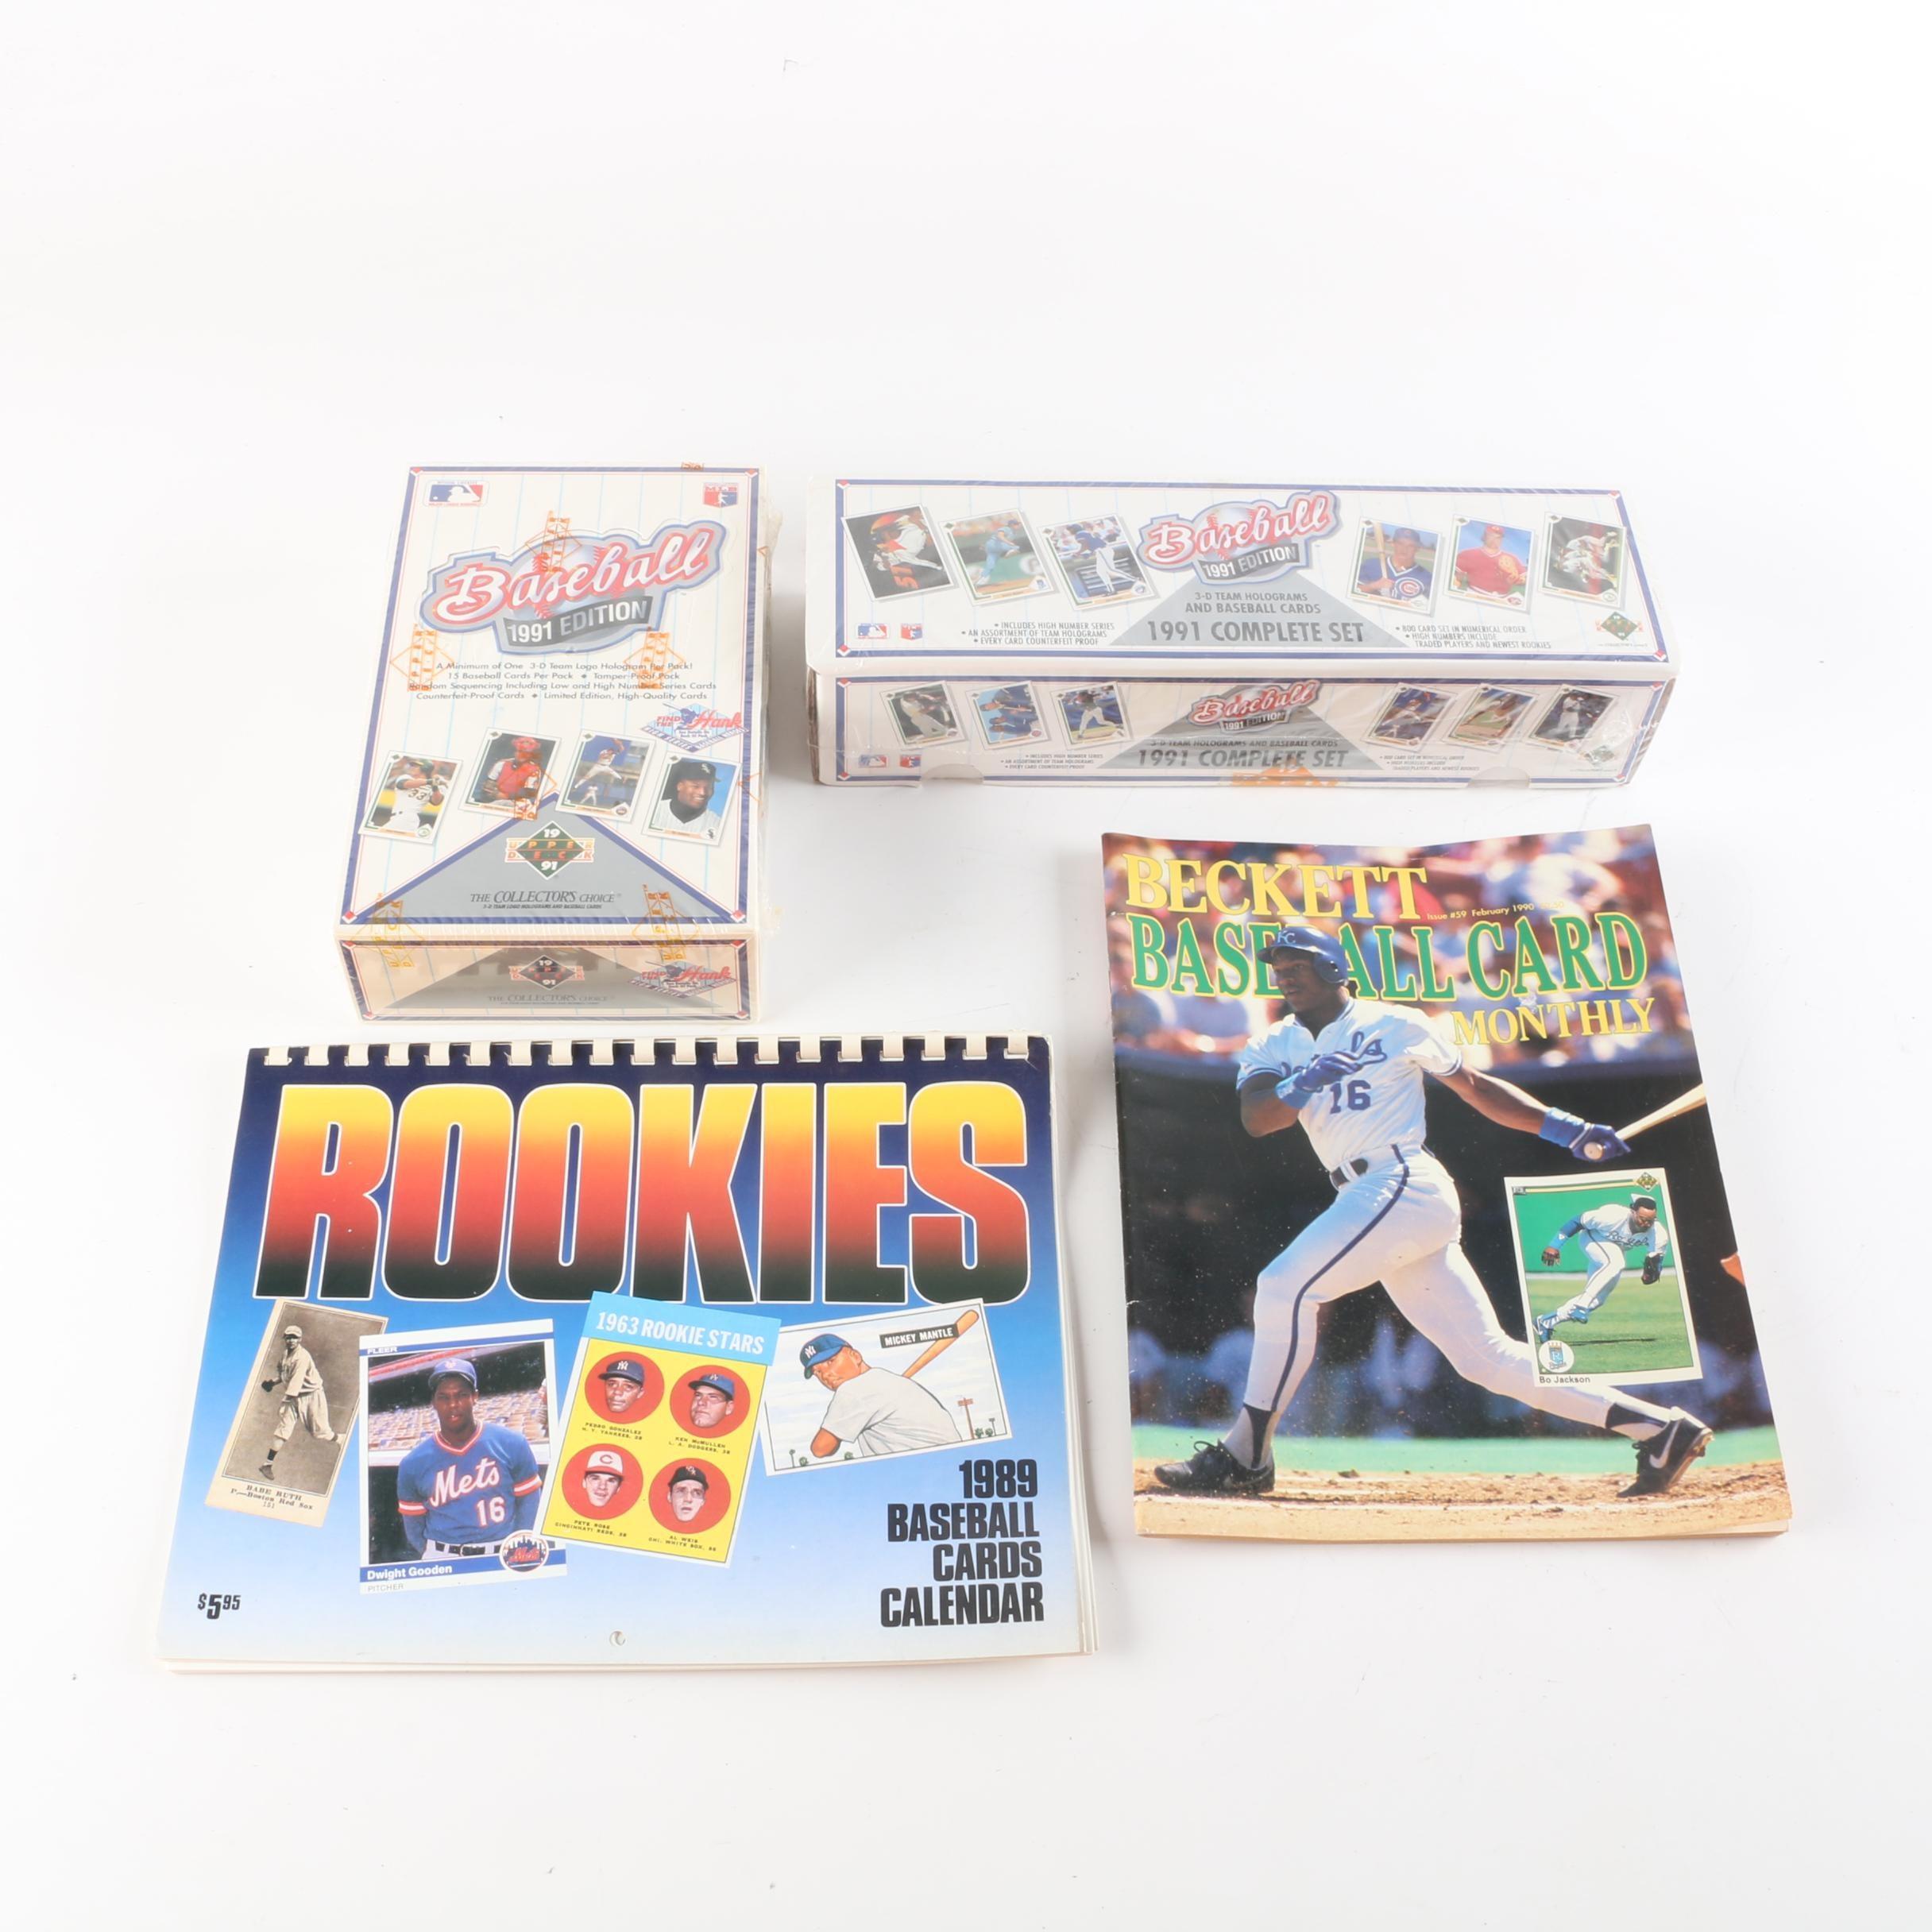 1991 Baseball Cards, 1989 Rookies Calendar, and 1990 Beckett Magazine